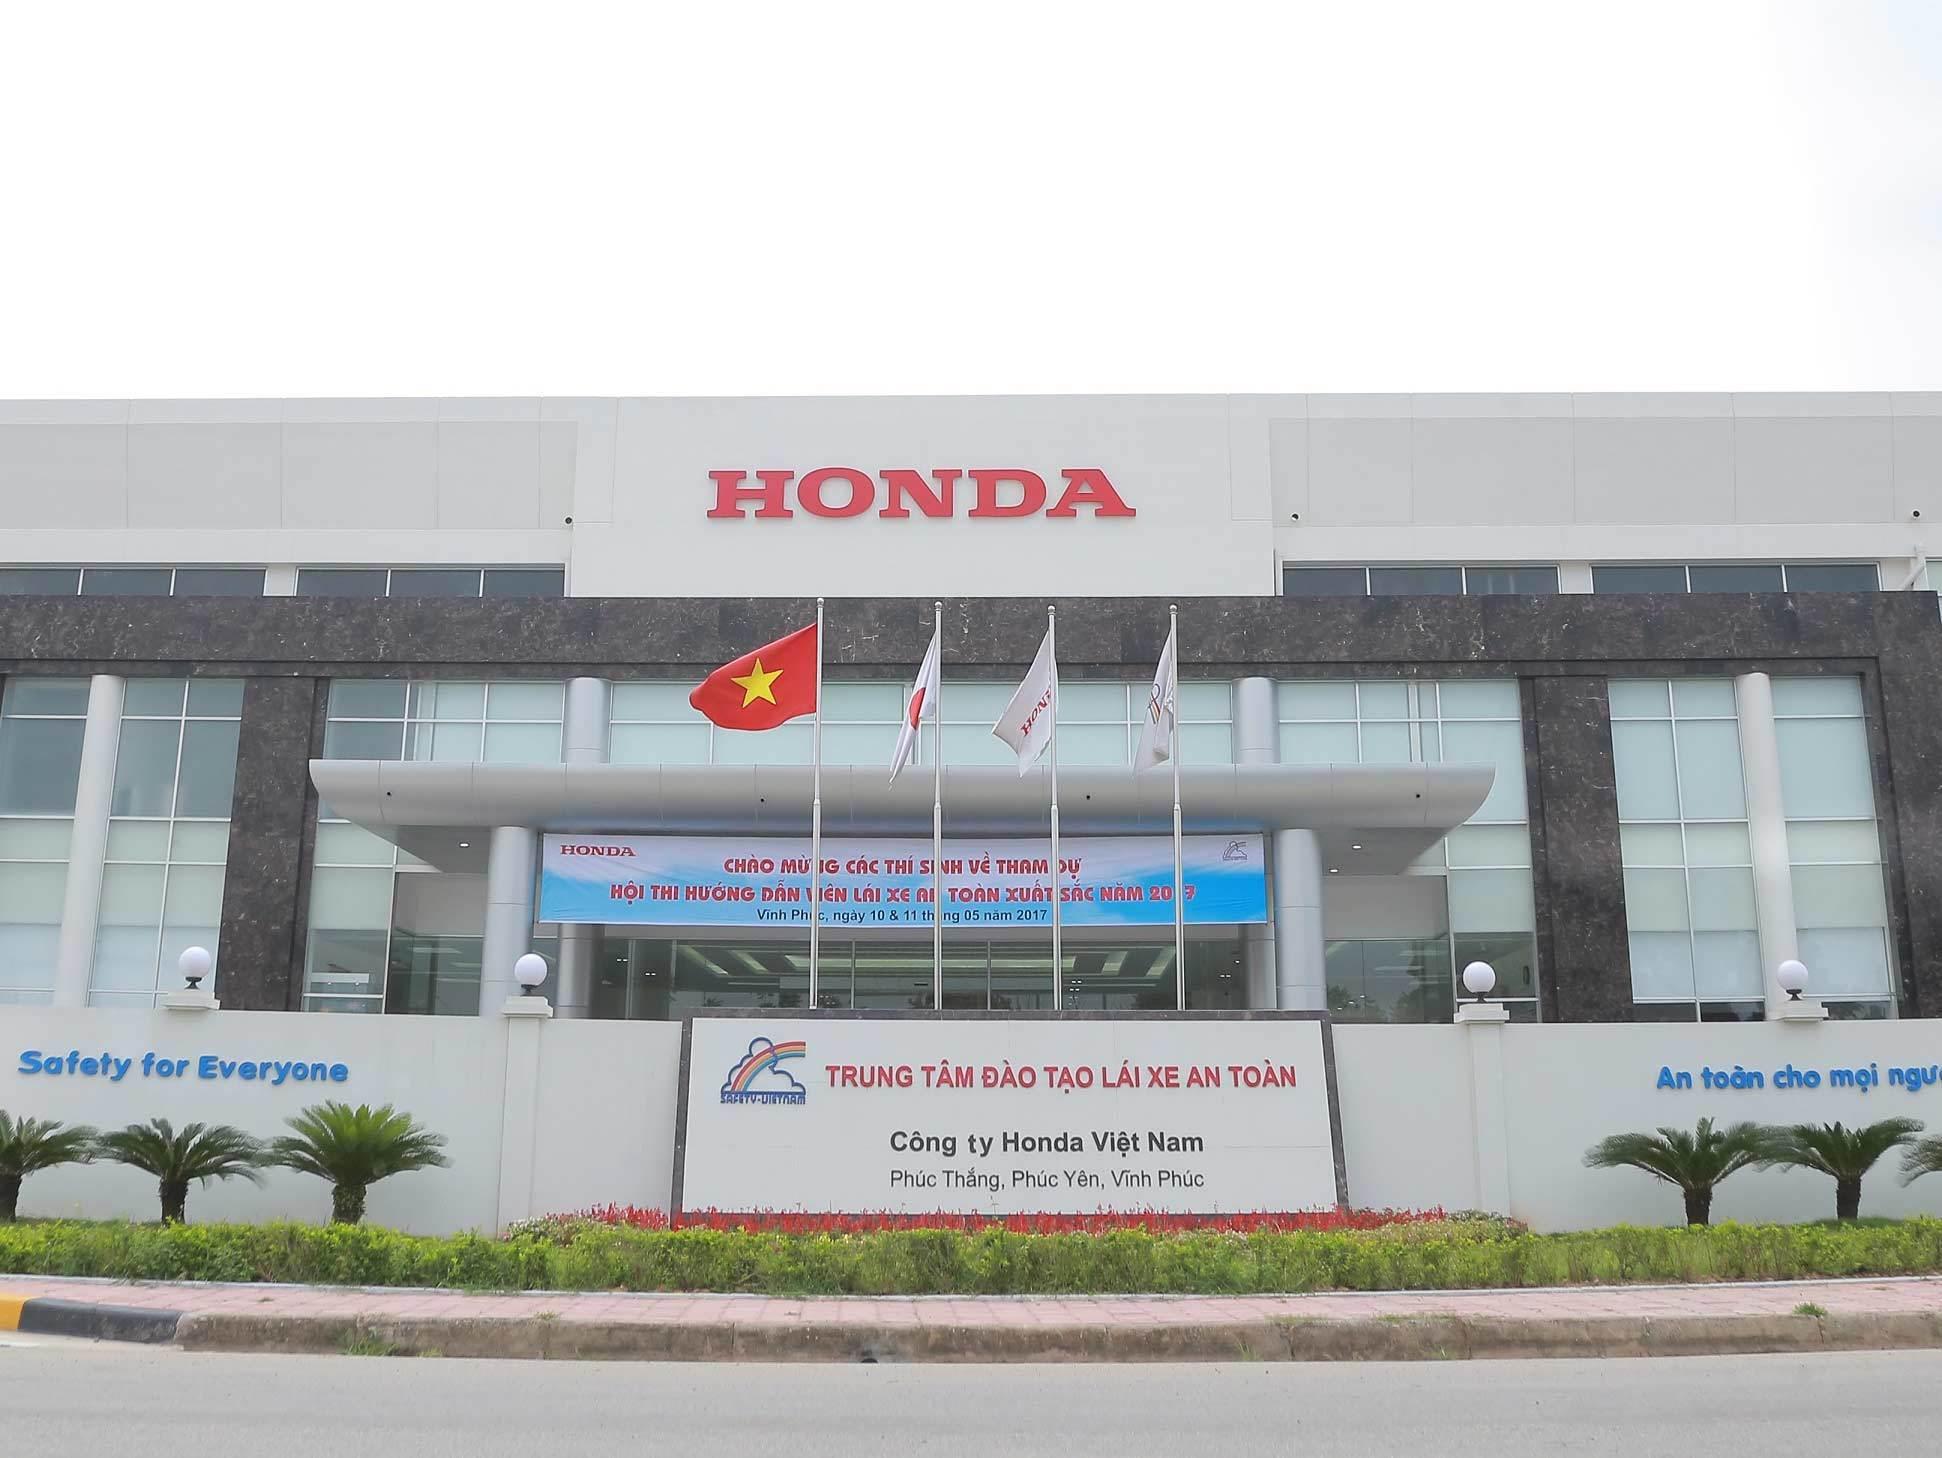 8 hoạt động Lái xe an toàn nổi bật của Honda